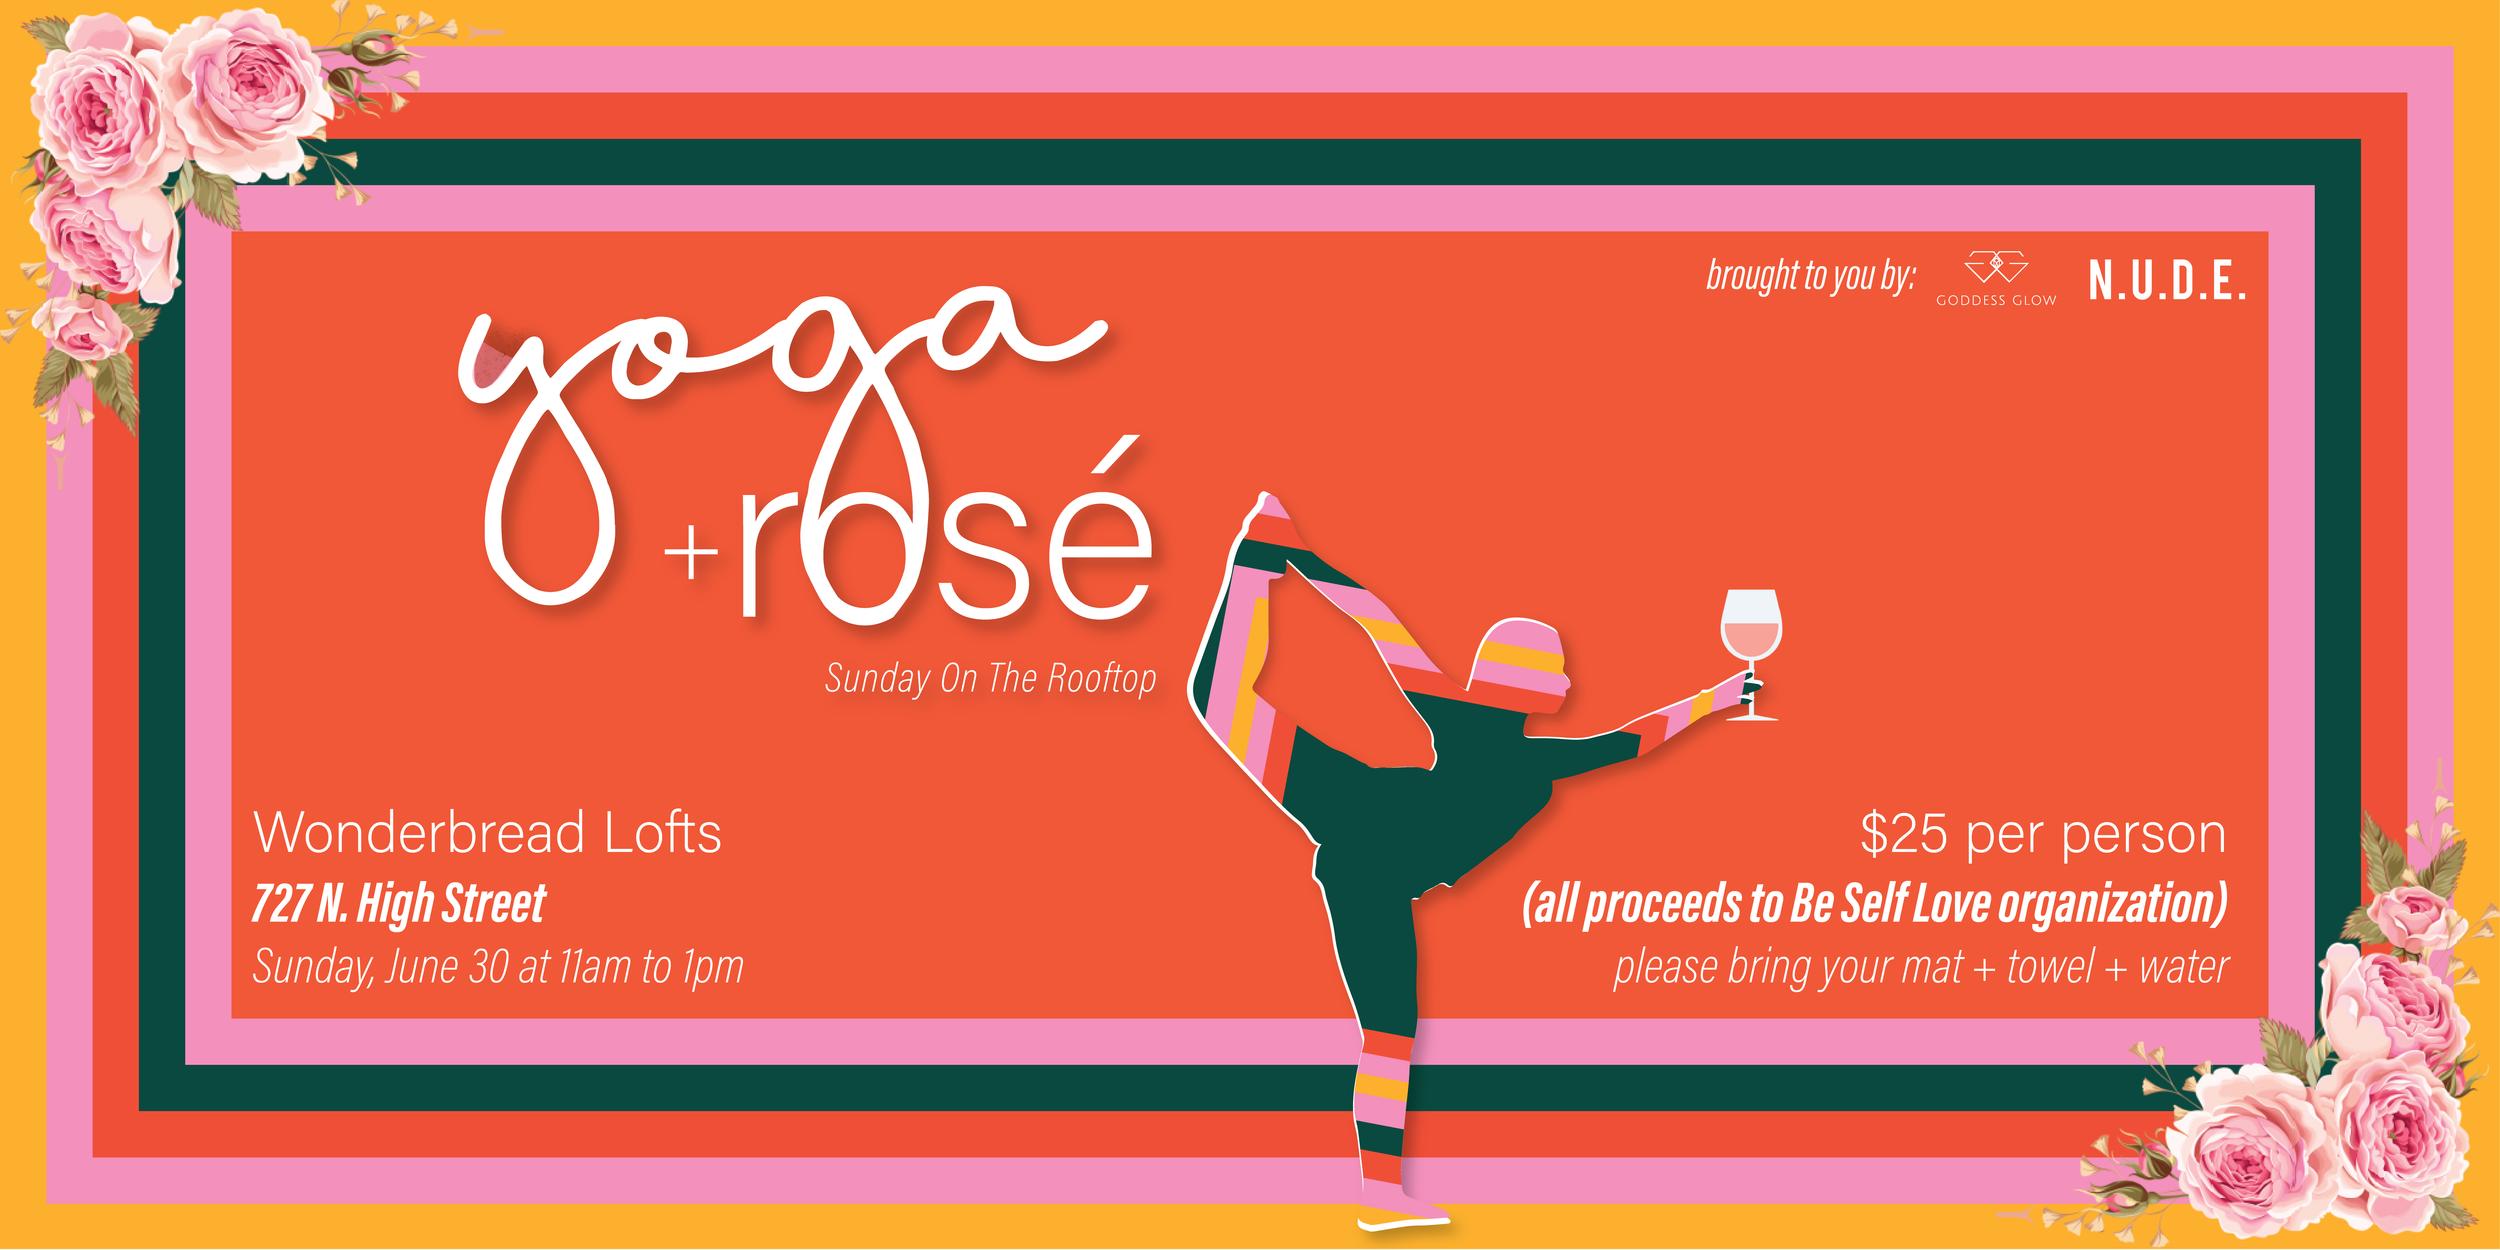 Yoga + Rose Eventbrite-02.png